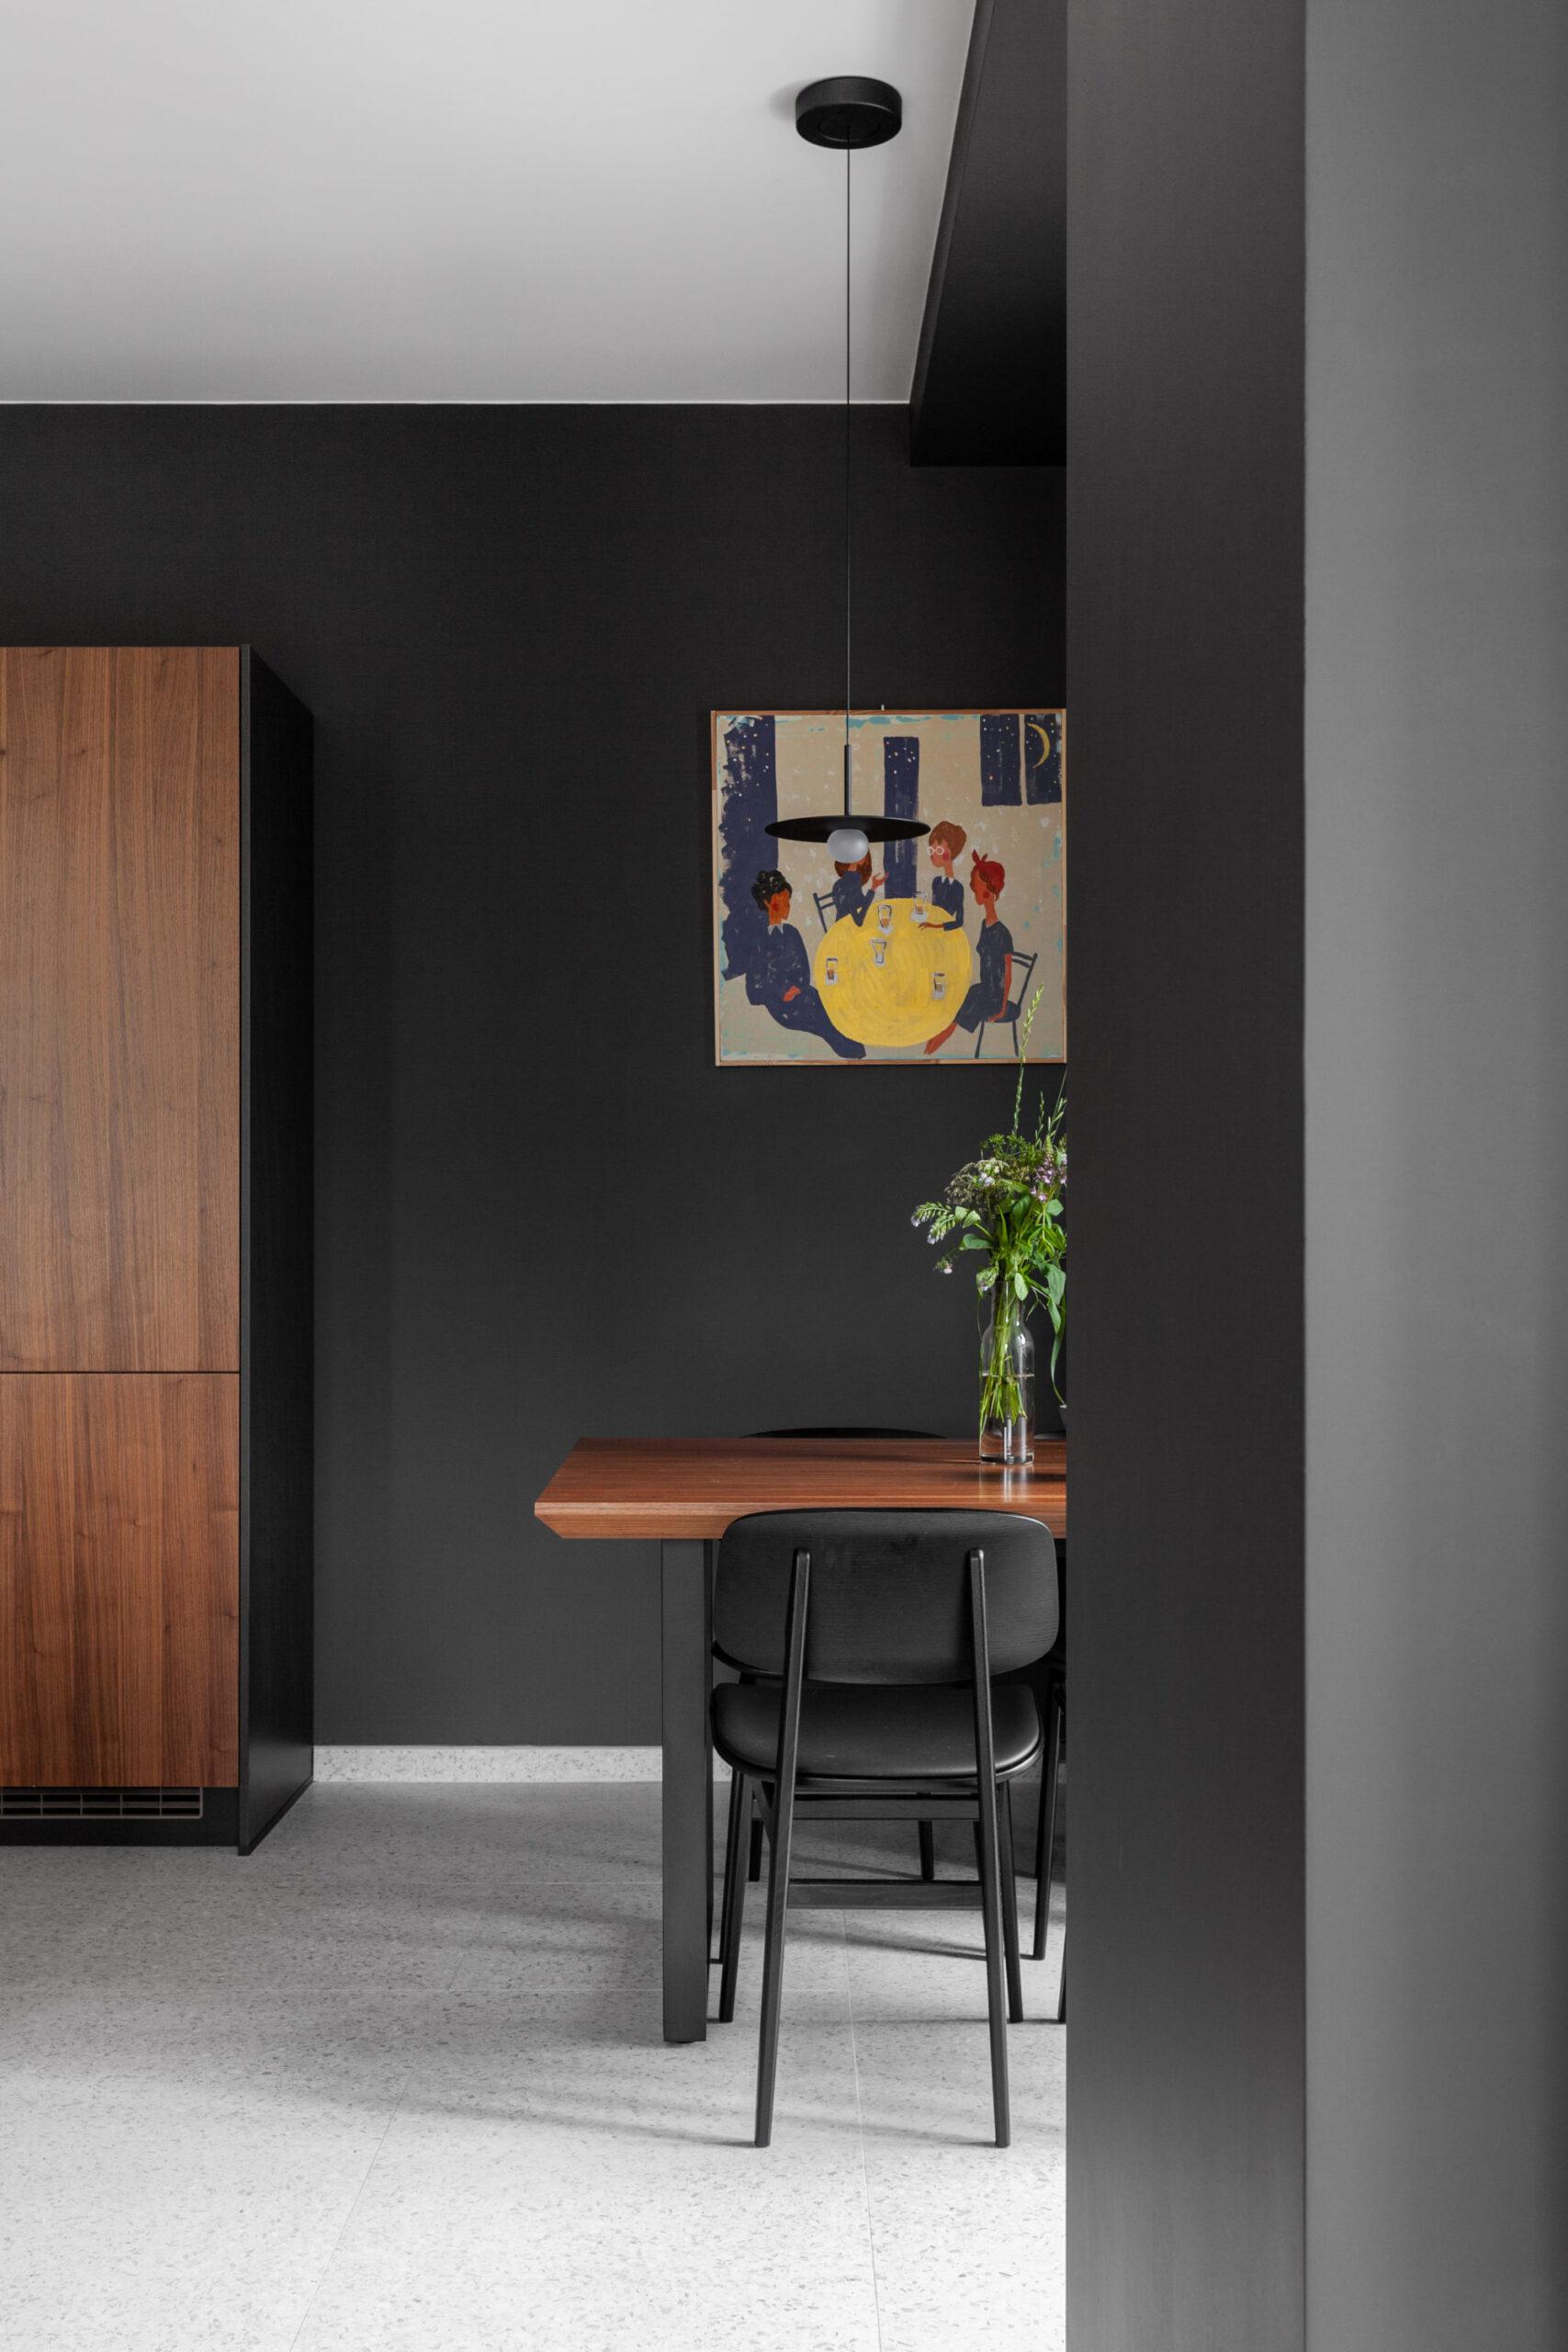 Pereți negrii mobilier din lemn și accente de orange într un apartament din Moscova 1a scaled